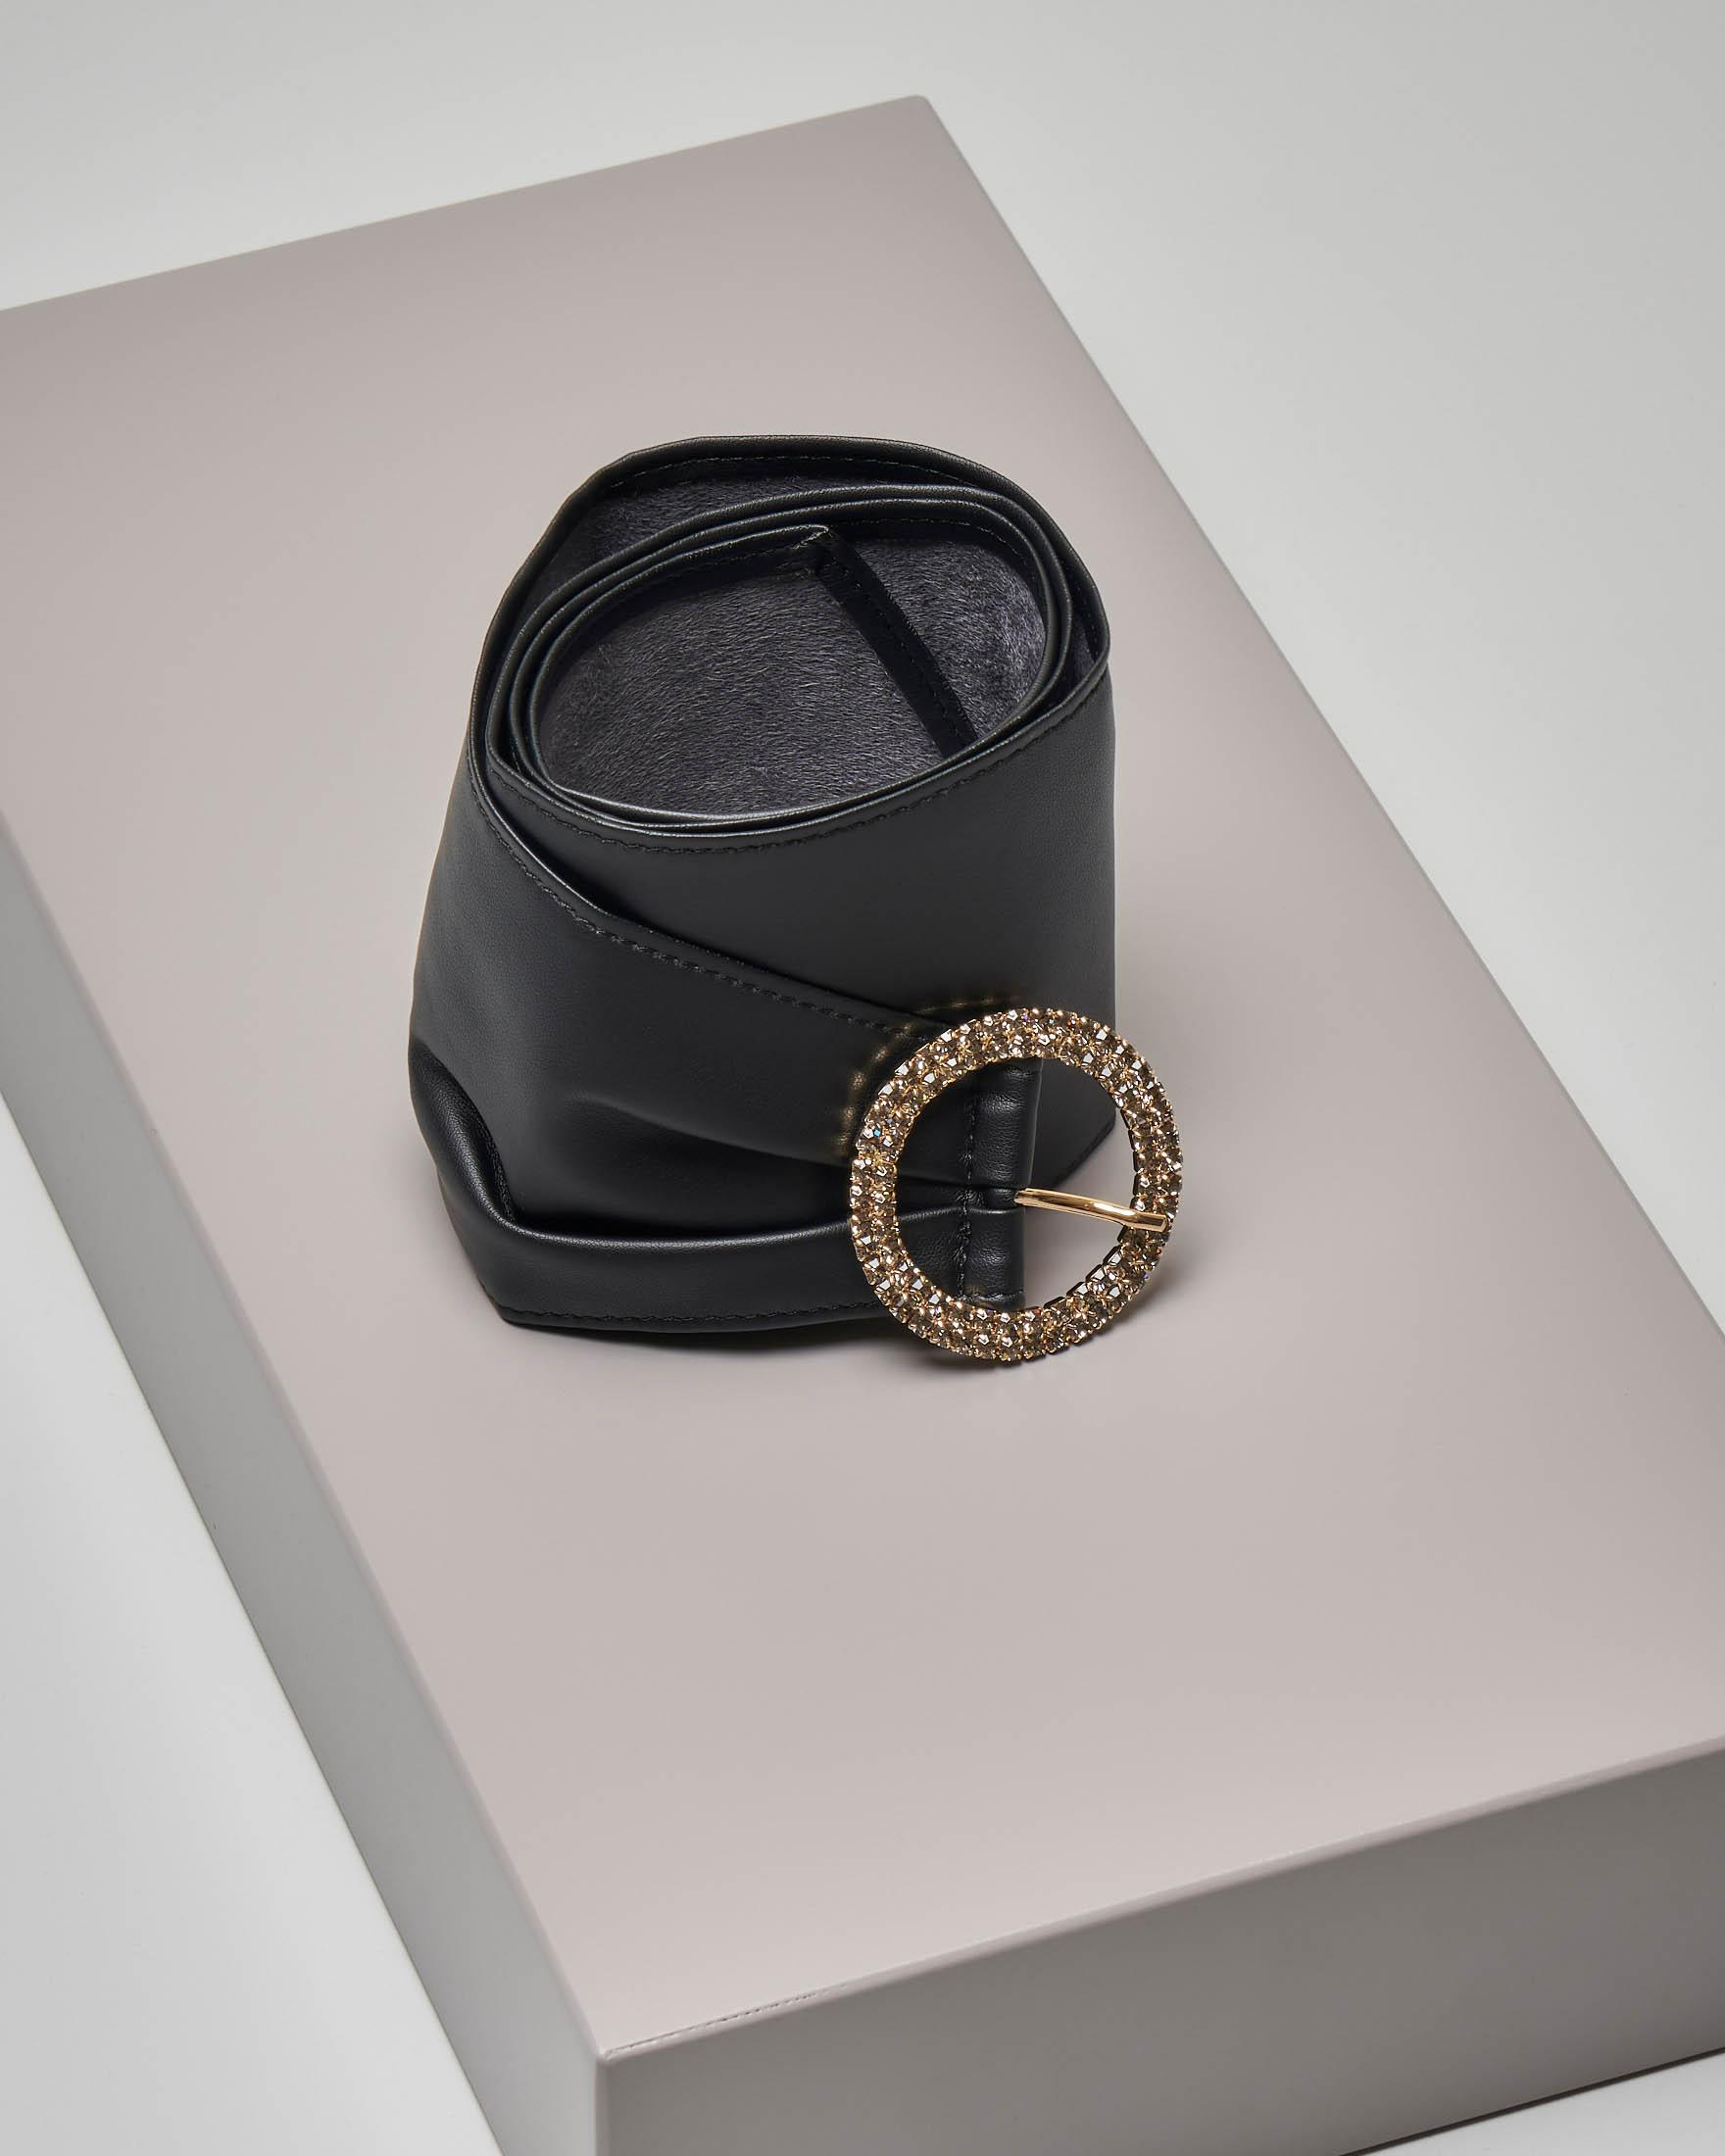 Cintura nera in ecopelle effetto liscio con fibbia tonda dorata